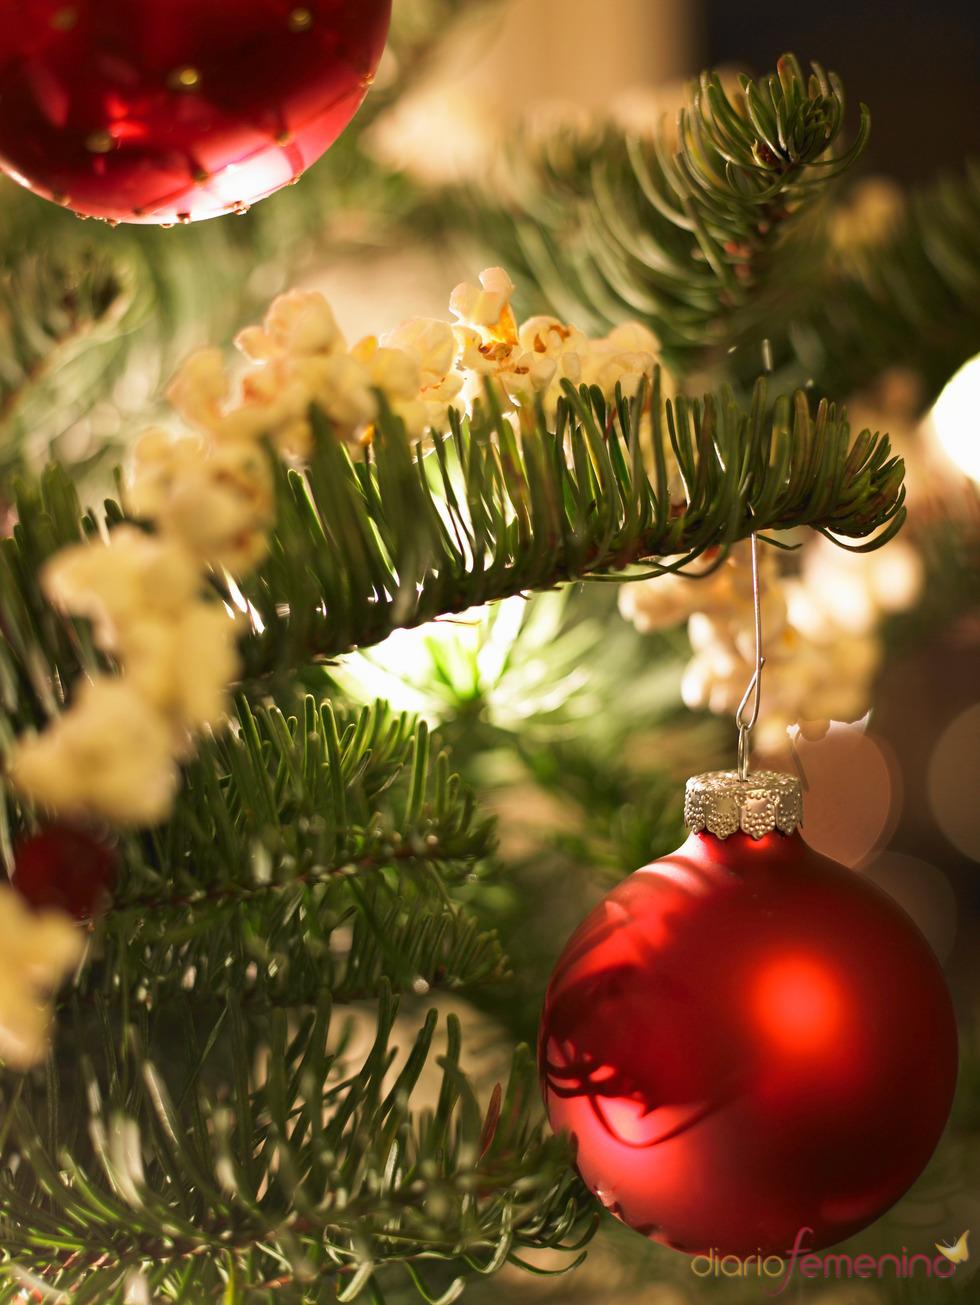 Bolas rojas para decorar el rbol de navidad for Arbol de navidad con bolas rojas